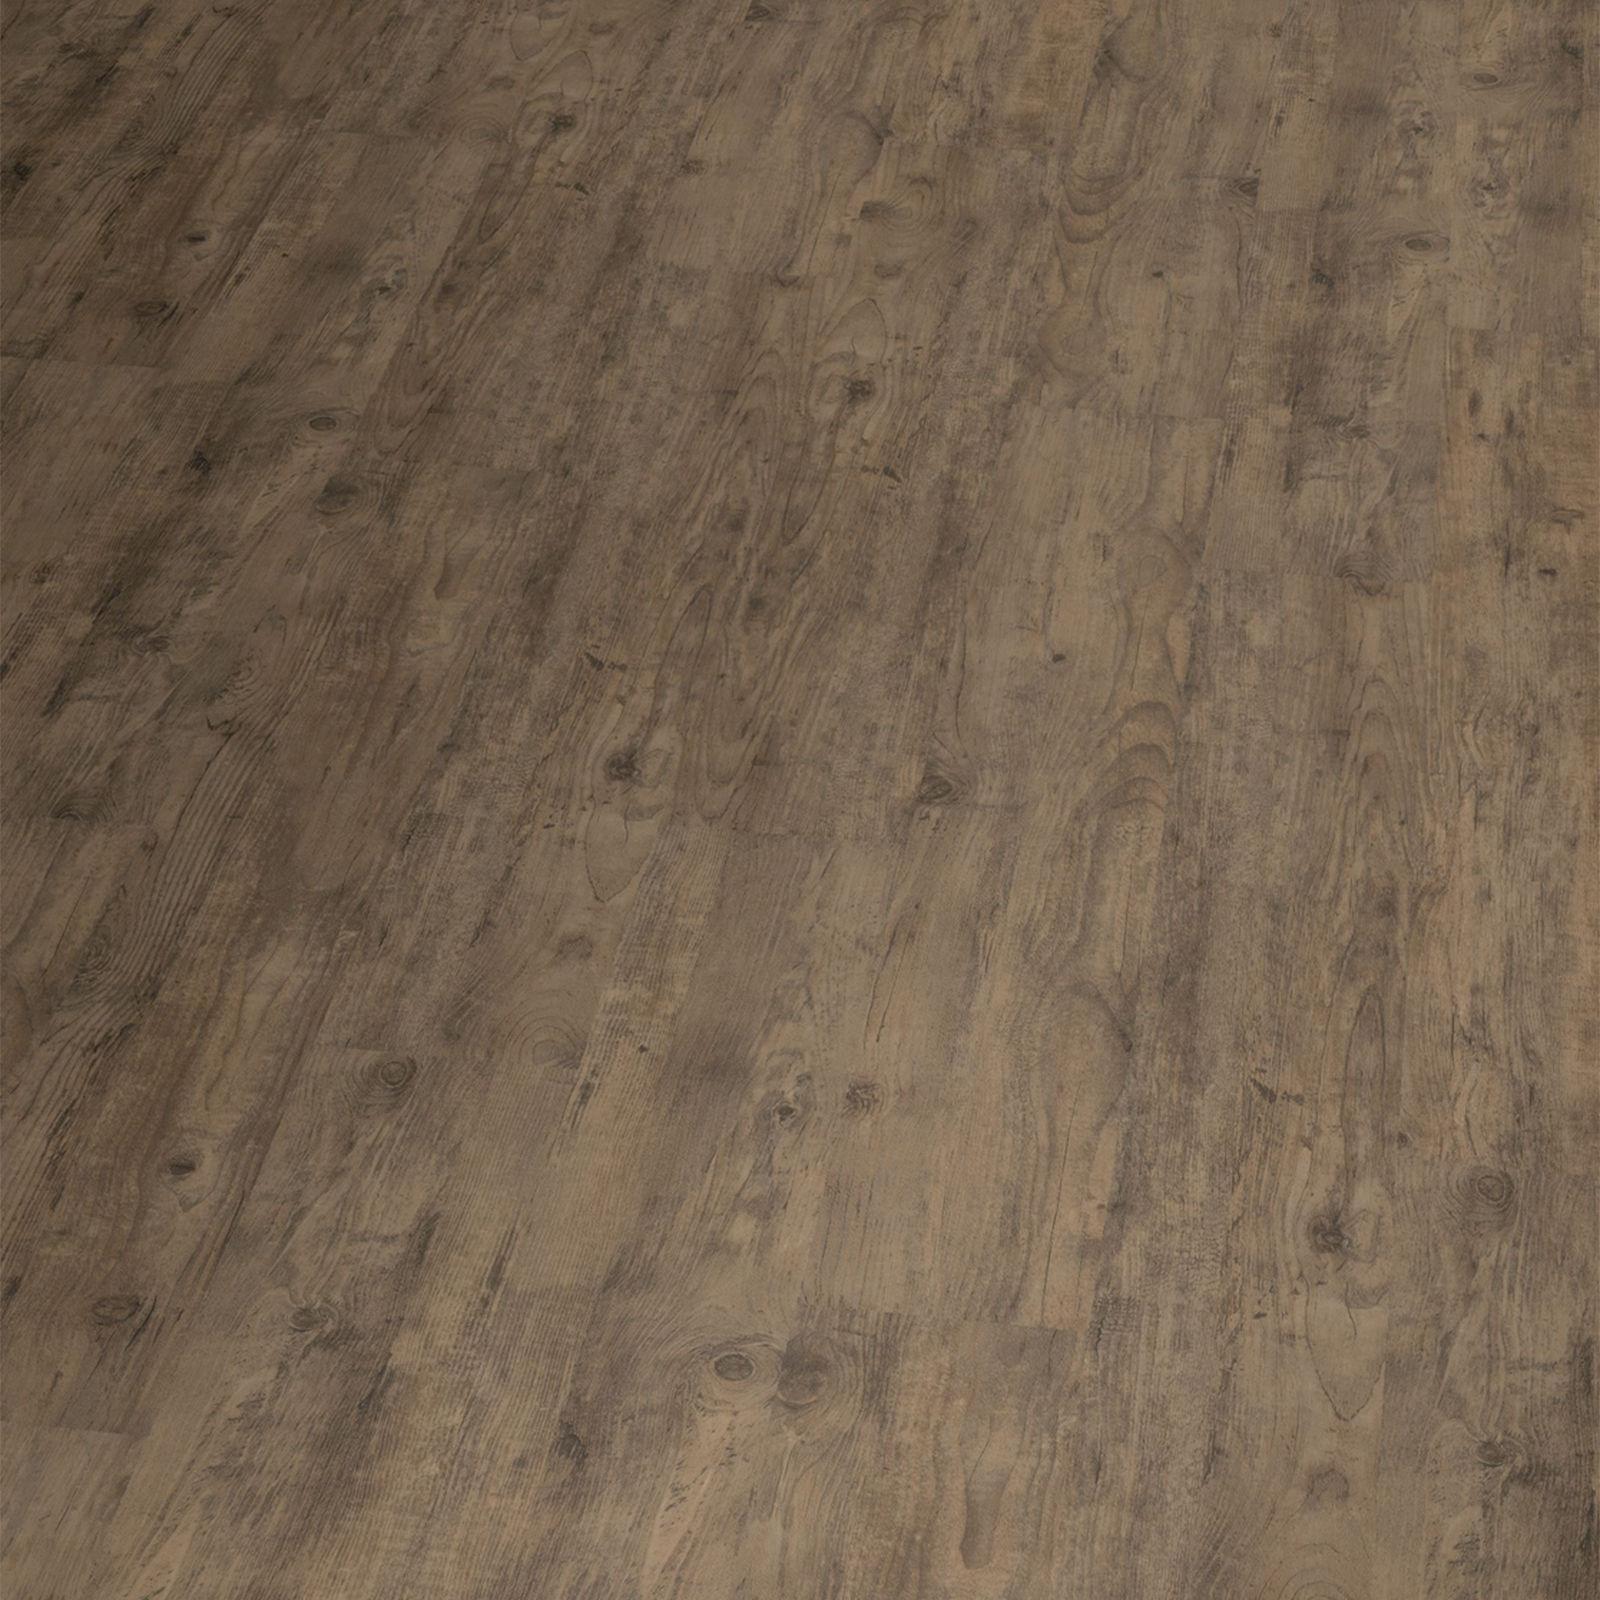 Delightful HORI Vinylboden PVC Klick Boden Eiche Ambiente Sydney